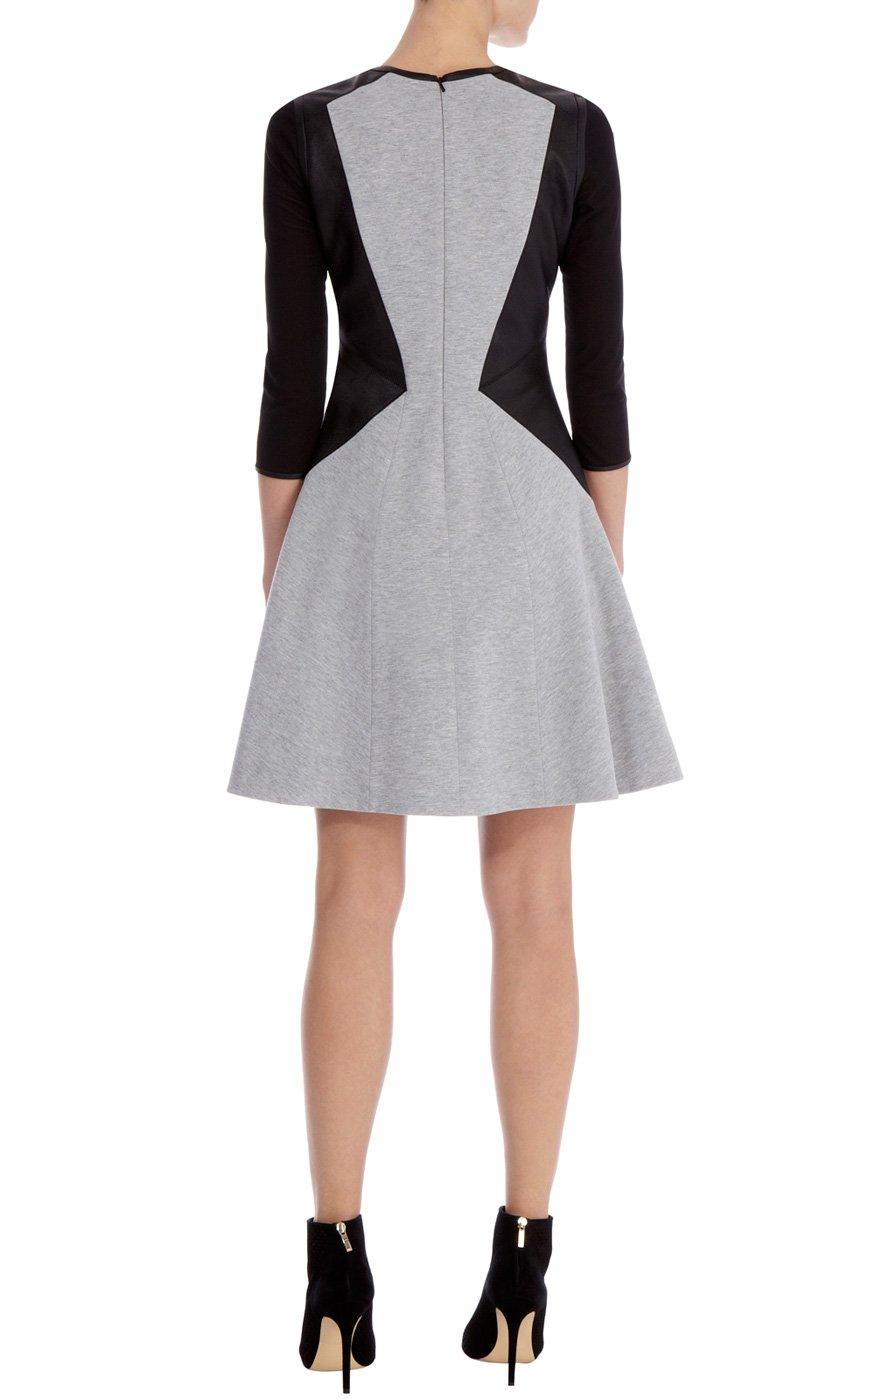 Karen Millen Contrast Faux Leather Dress In Black Lyst